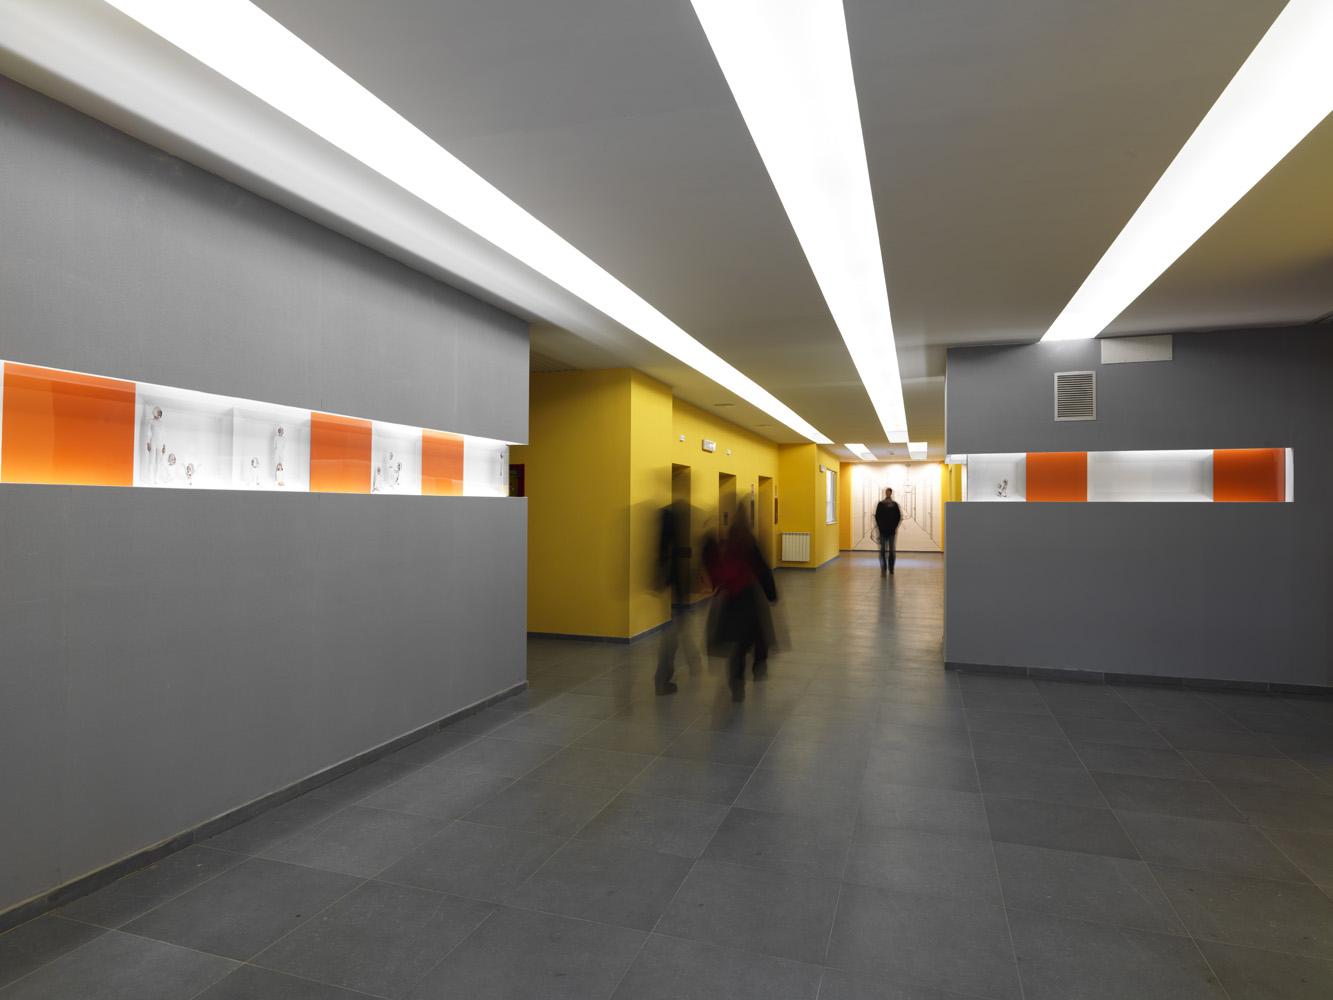 LIGHT, 2009    installazione permanente / permanent installation   Ospedale Cardarelli Napoli / Naples